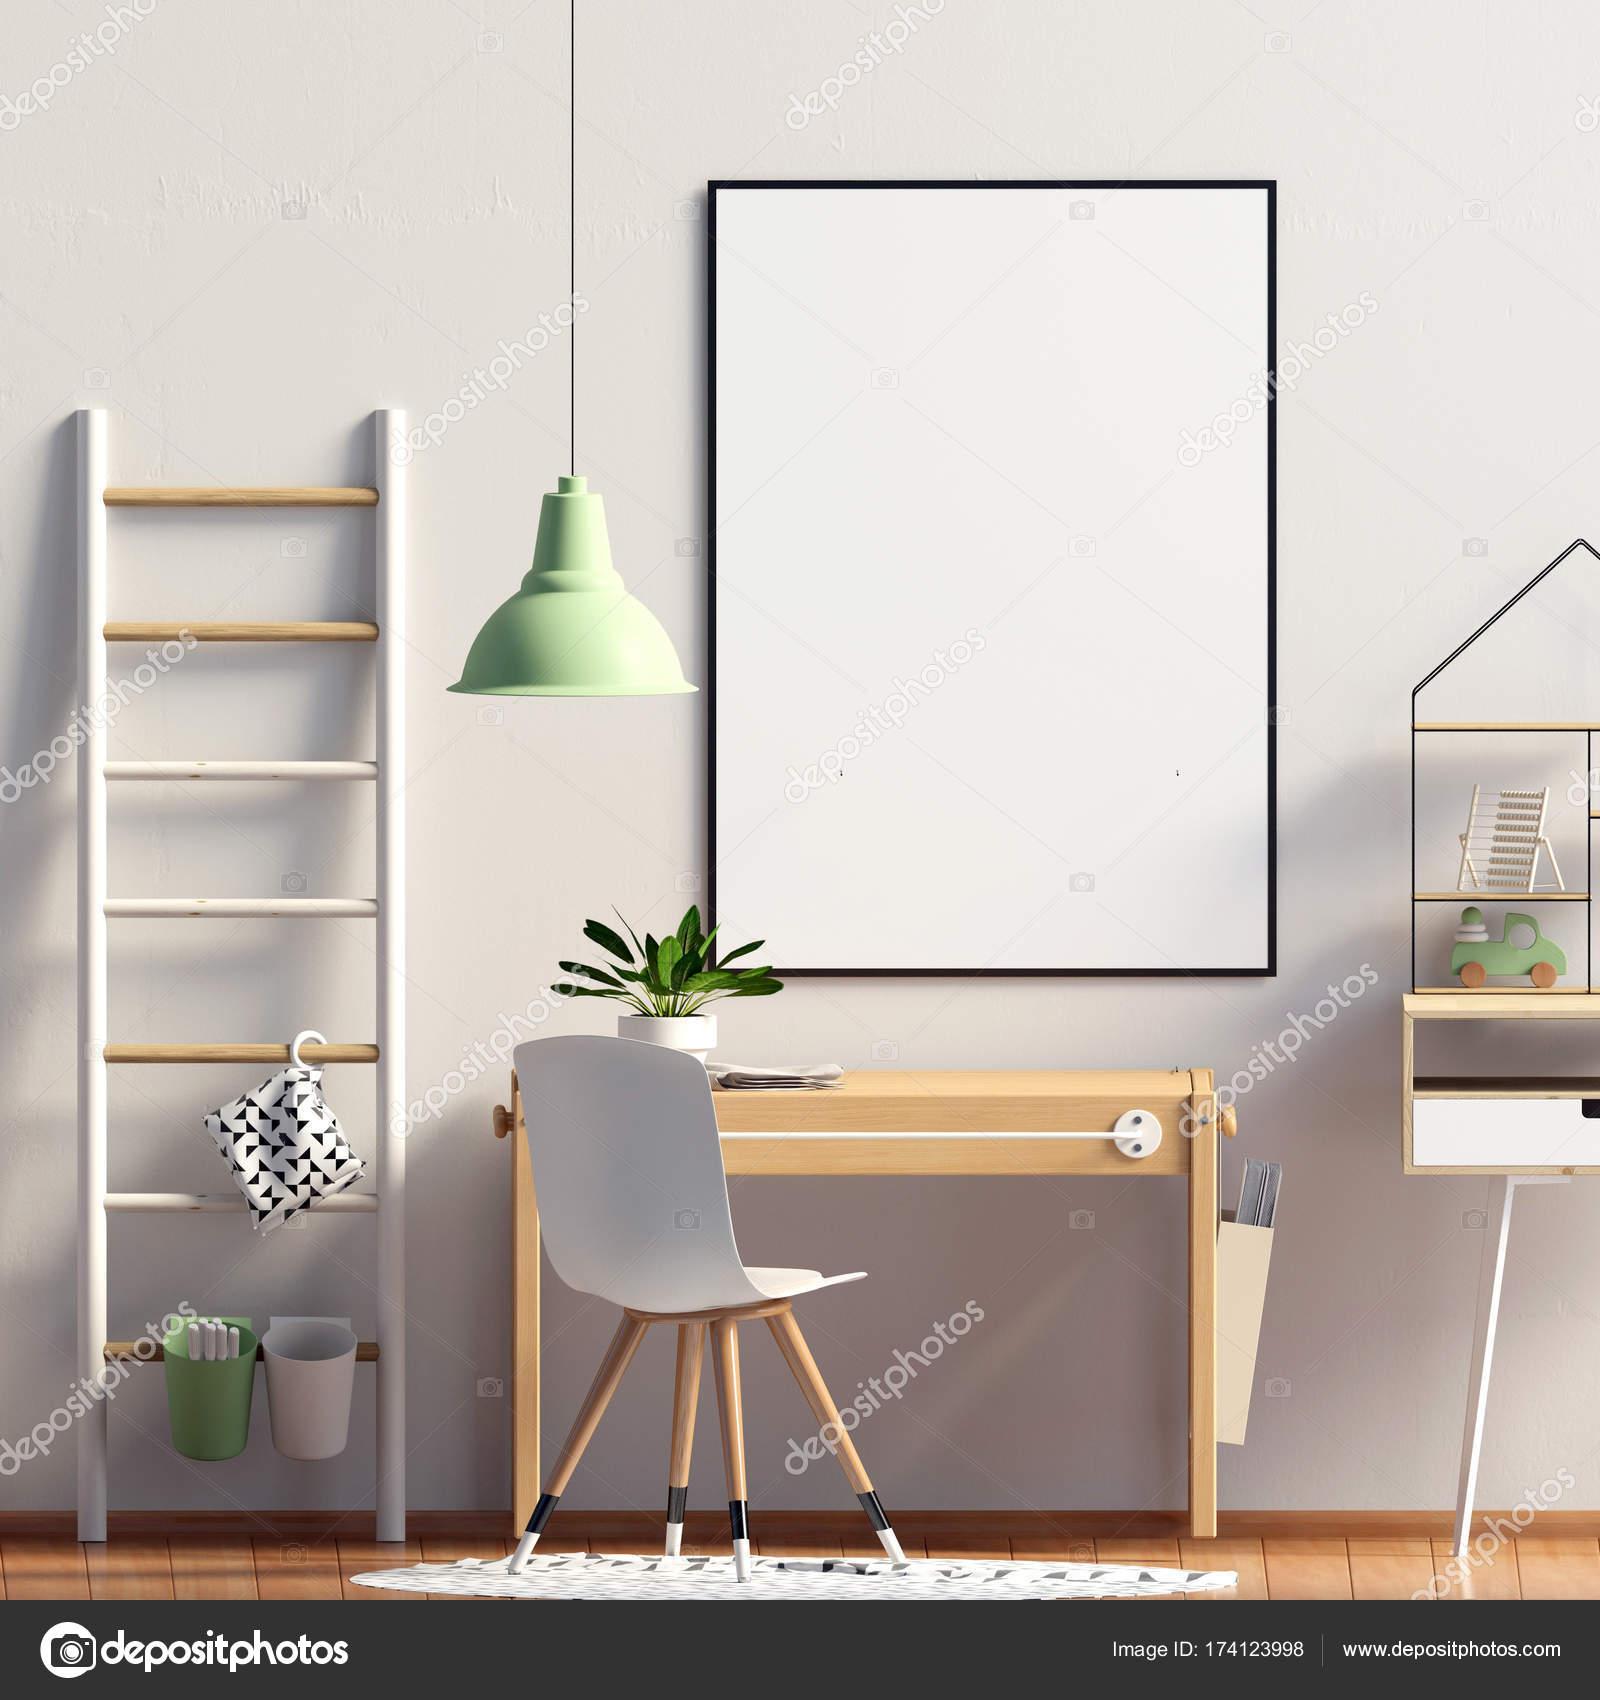 Pastel Chambre Du0027enfant. Salle De Jeux. Style Moderne. Illustration 3D.  Affiche Mock Up U2014 Image De ...